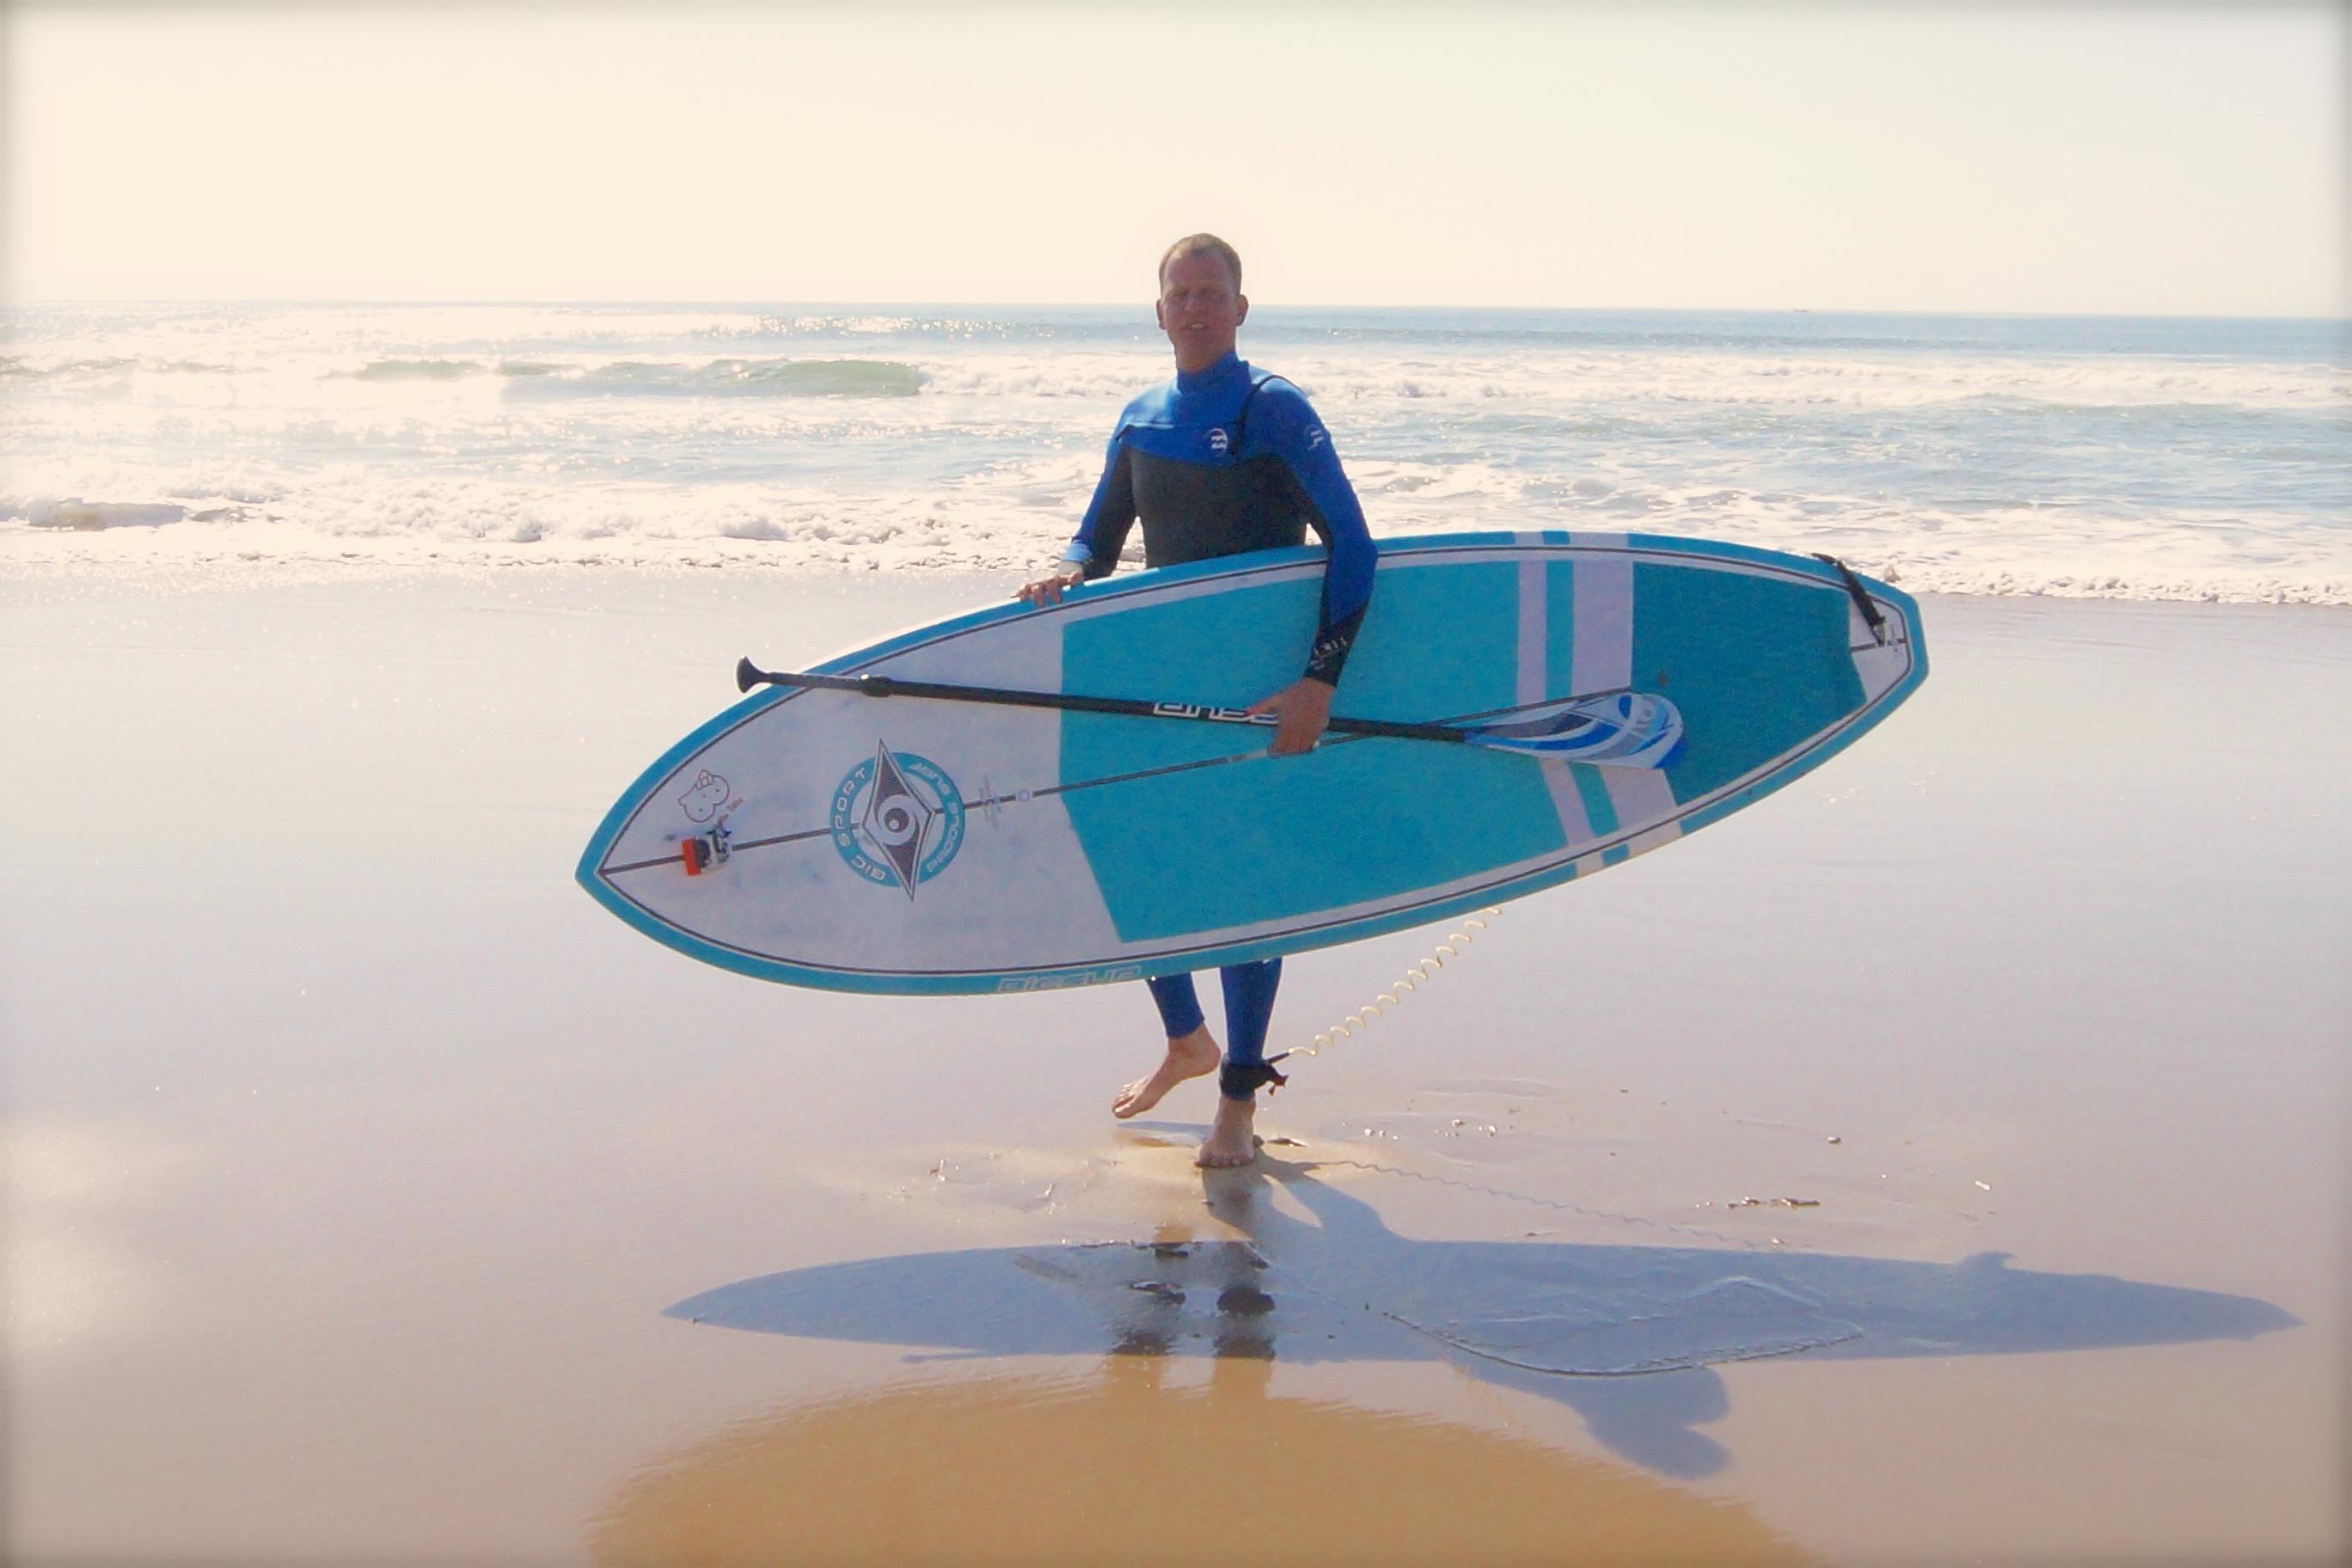 Surfurlaub Lissabon strand Surfer Reise